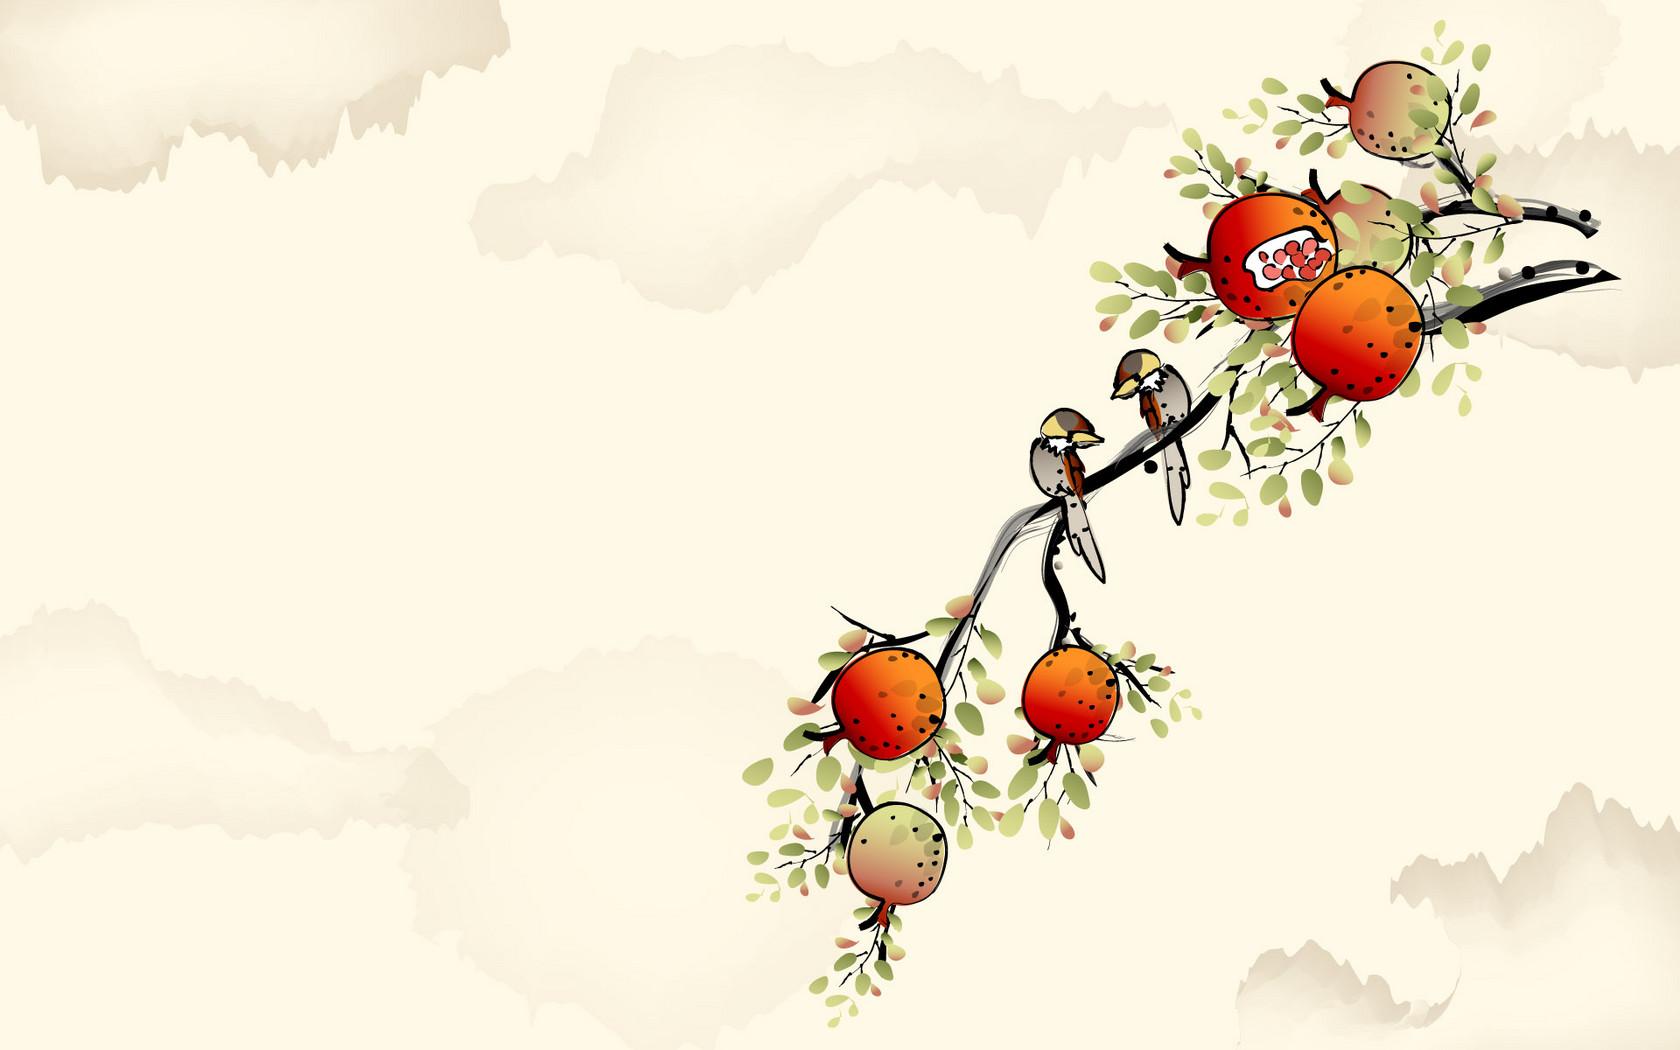 矢量植物花卉水墨画ppt背景图片下载